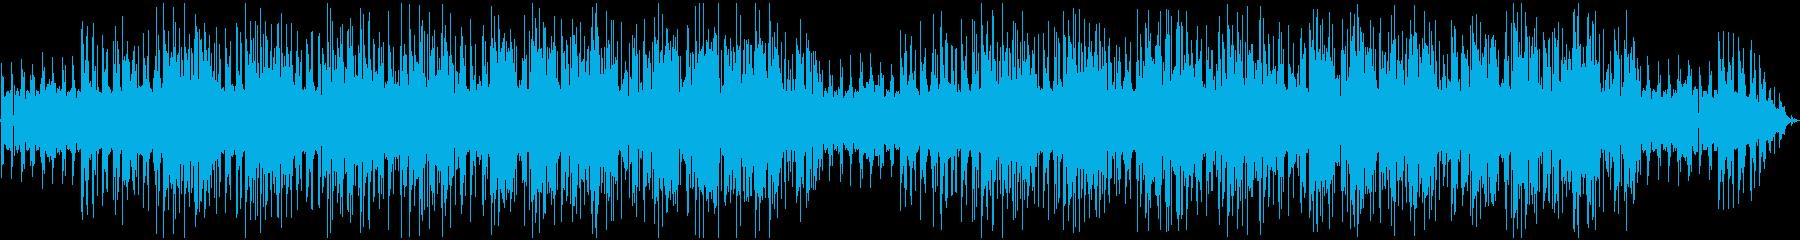 アイヌ×電子音楽の再生済みの波形